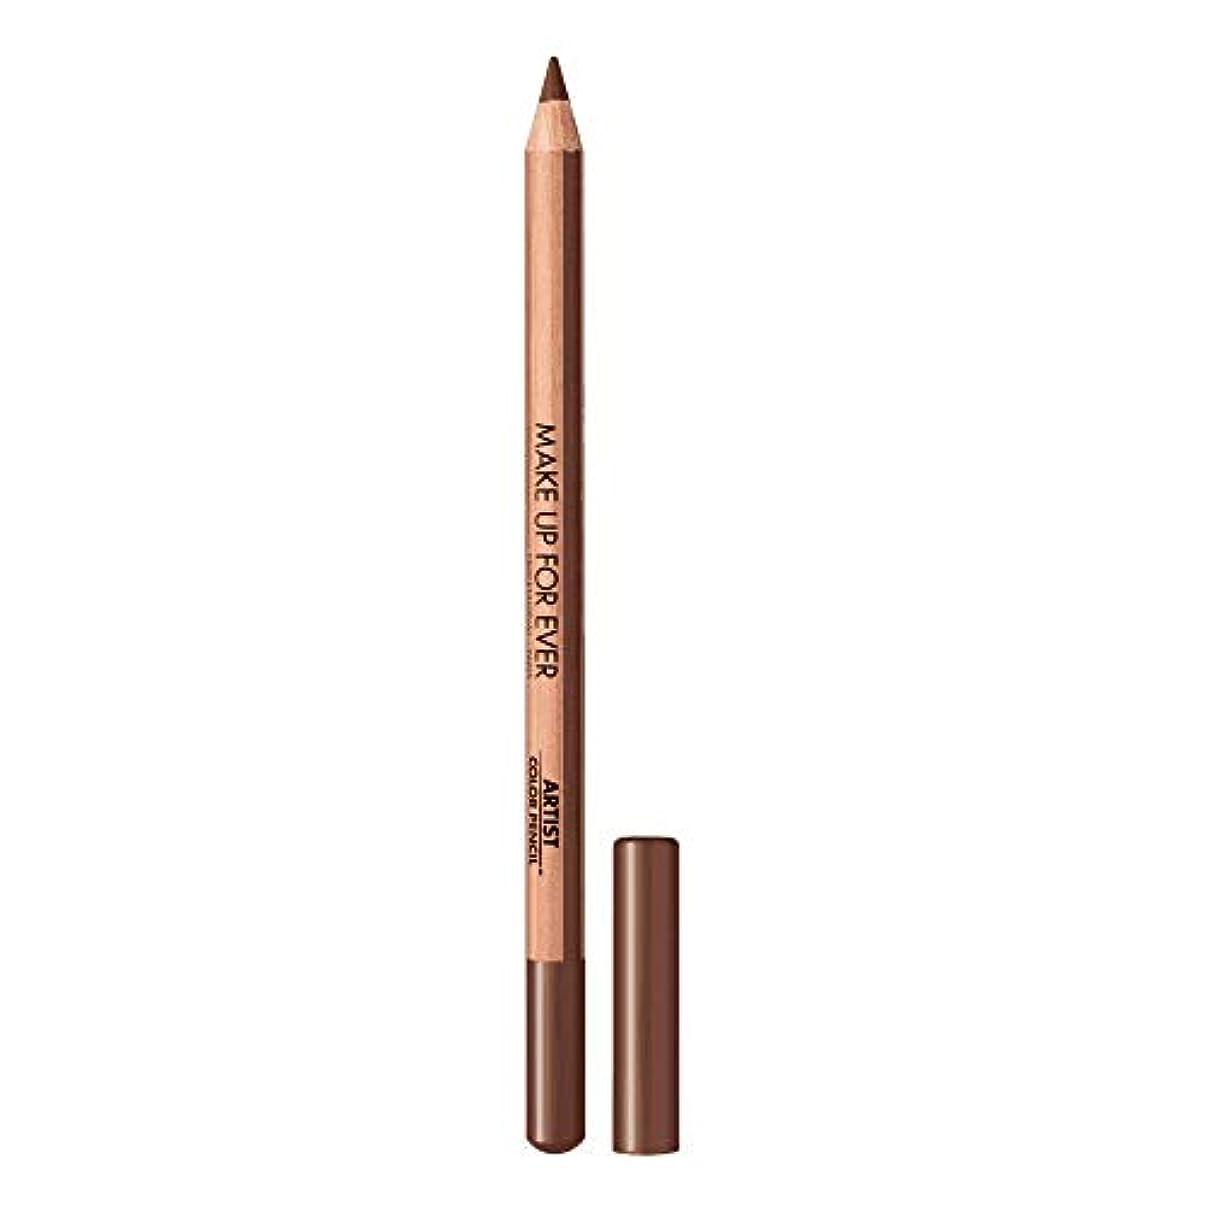 こどもの日に勝る制限するメイクアップフォーエバー Artist Color Pencil - # 608 Limitless Brown 1.41g/0.04oz並行輸入品